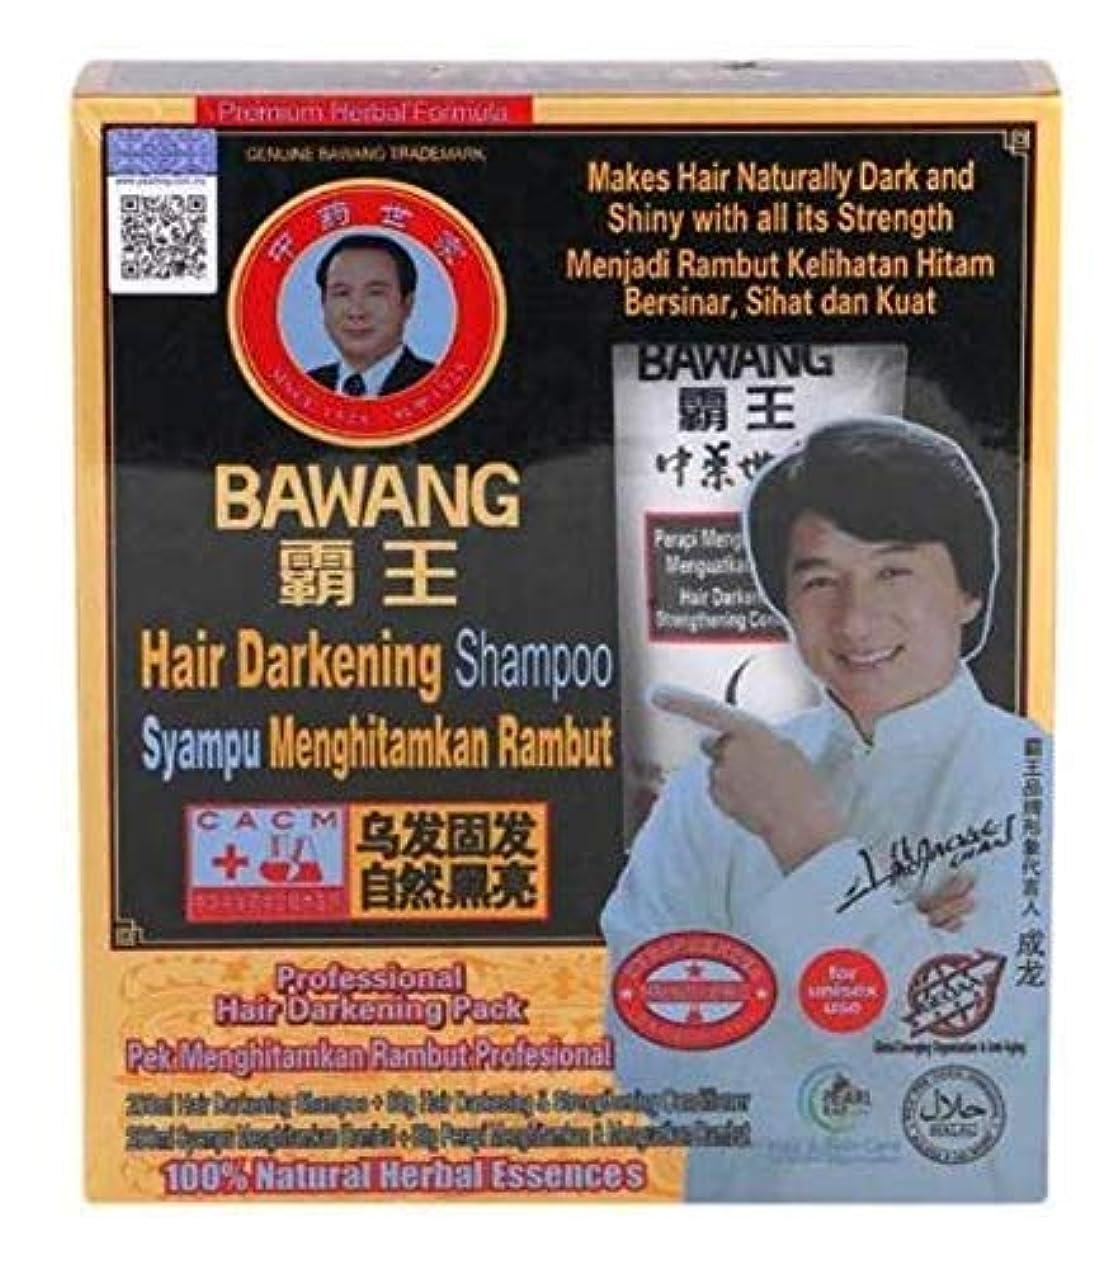 ハーネスパン敵対的BAWANG プロフェッショナル髪黒い袋200ミリリットル+ 80グラム